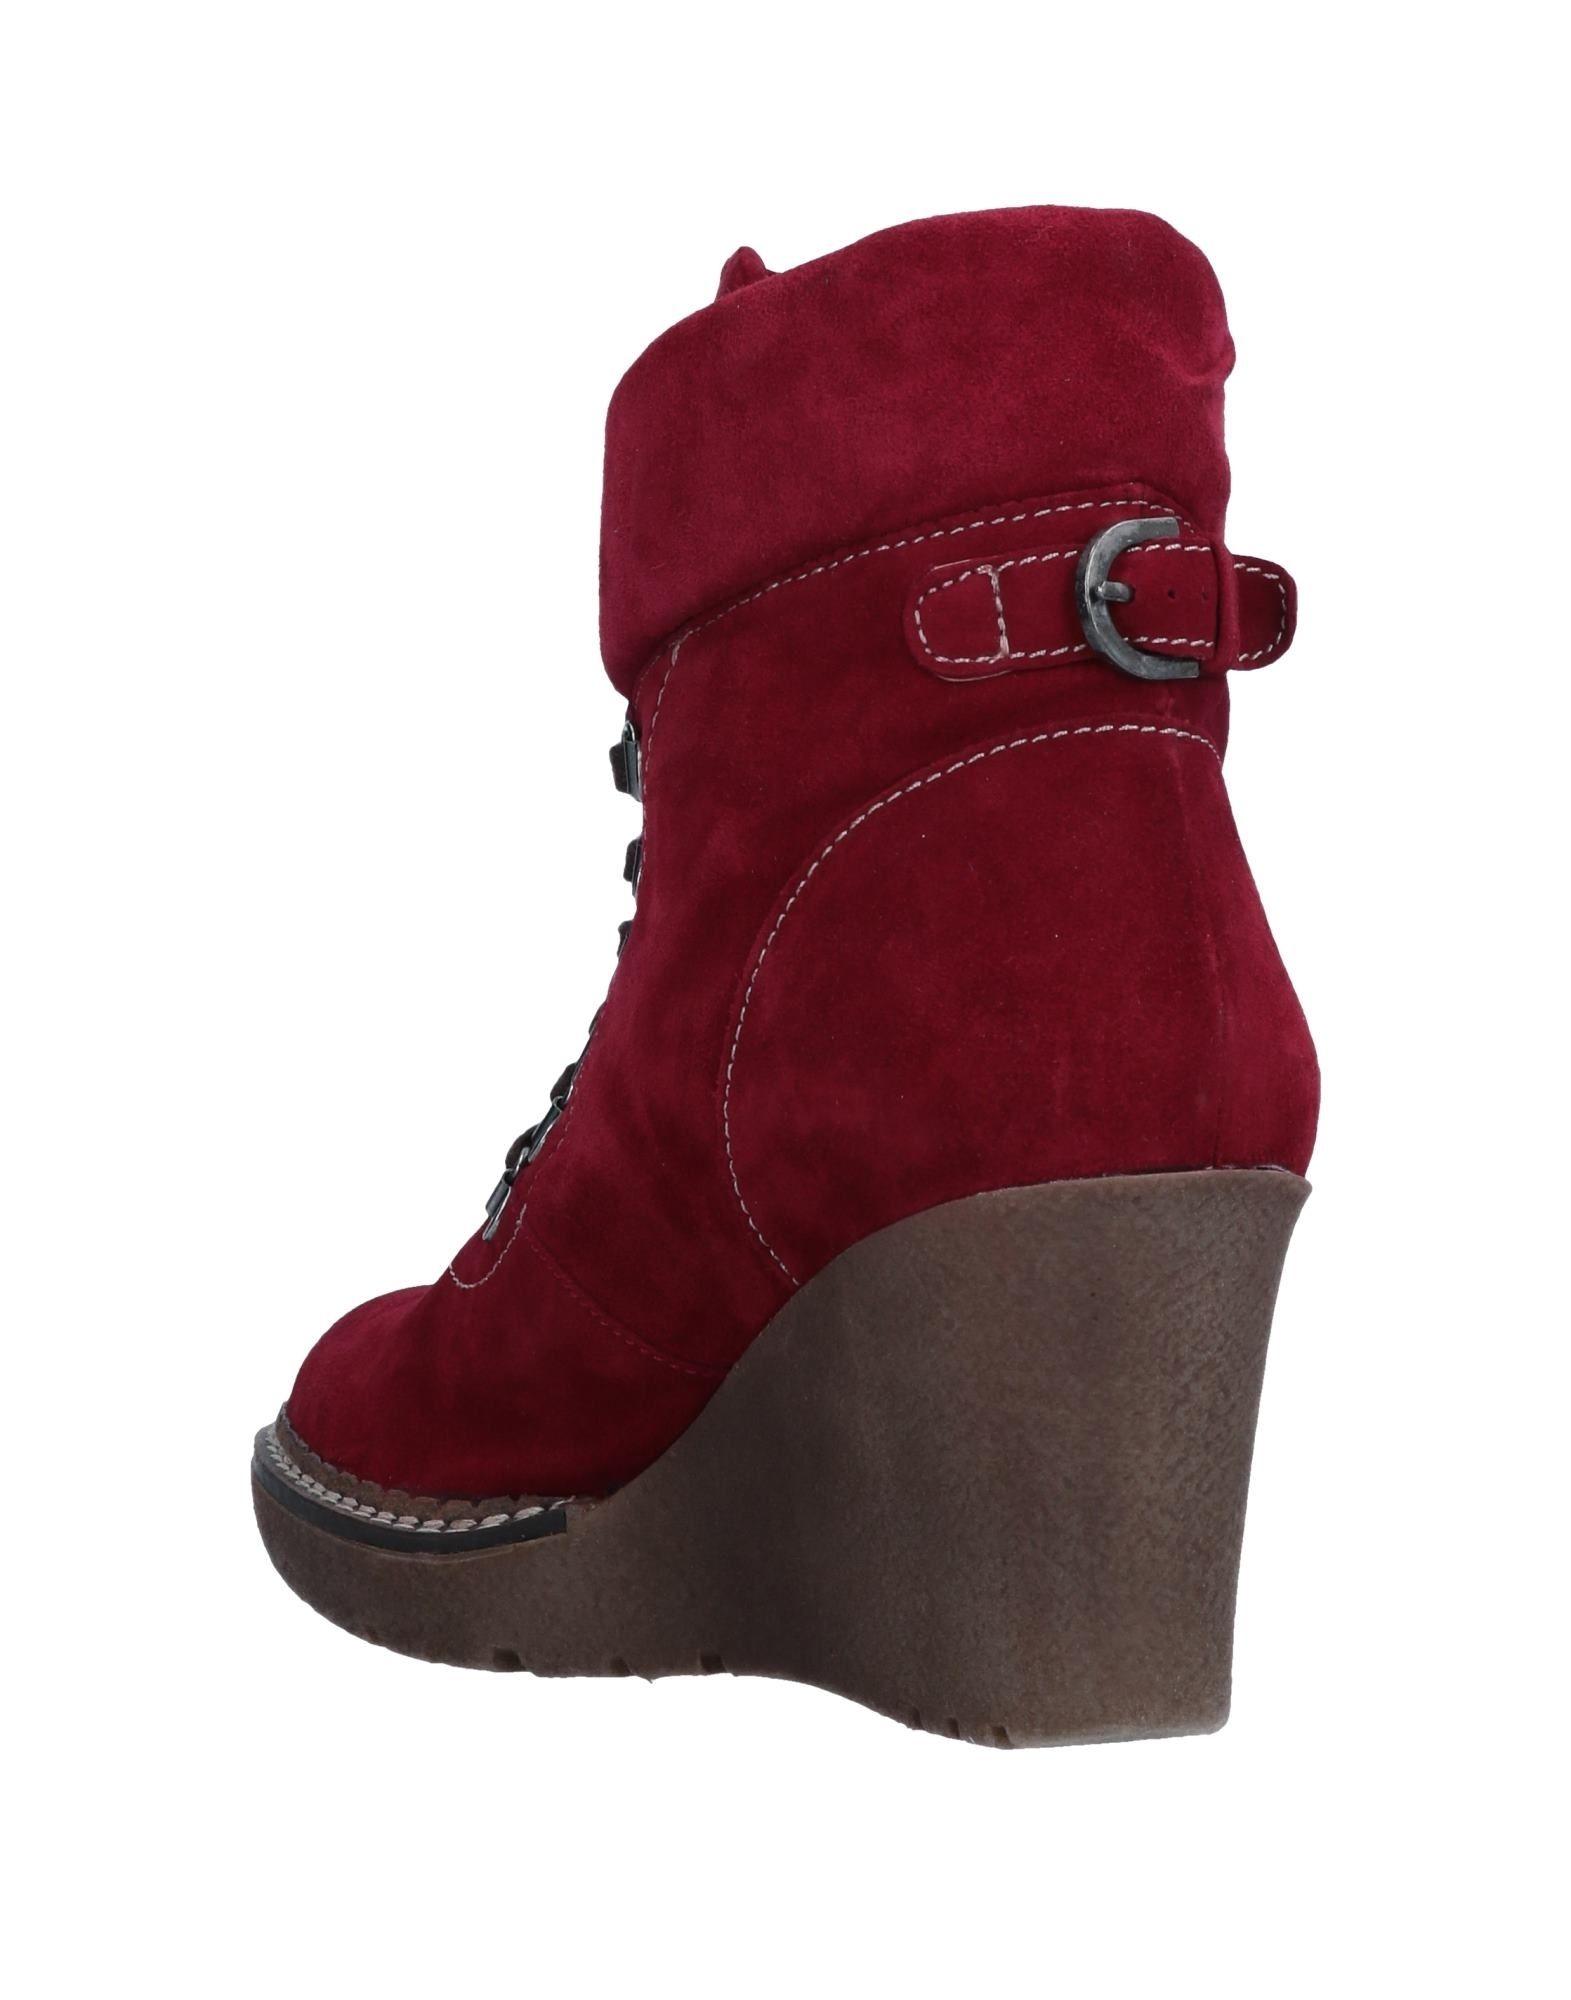 Weekend Damen By Pedro Miralles Stiefelette Damen Weekend  11547159FH Gute Qualität beliebte Schuhe 42c4af